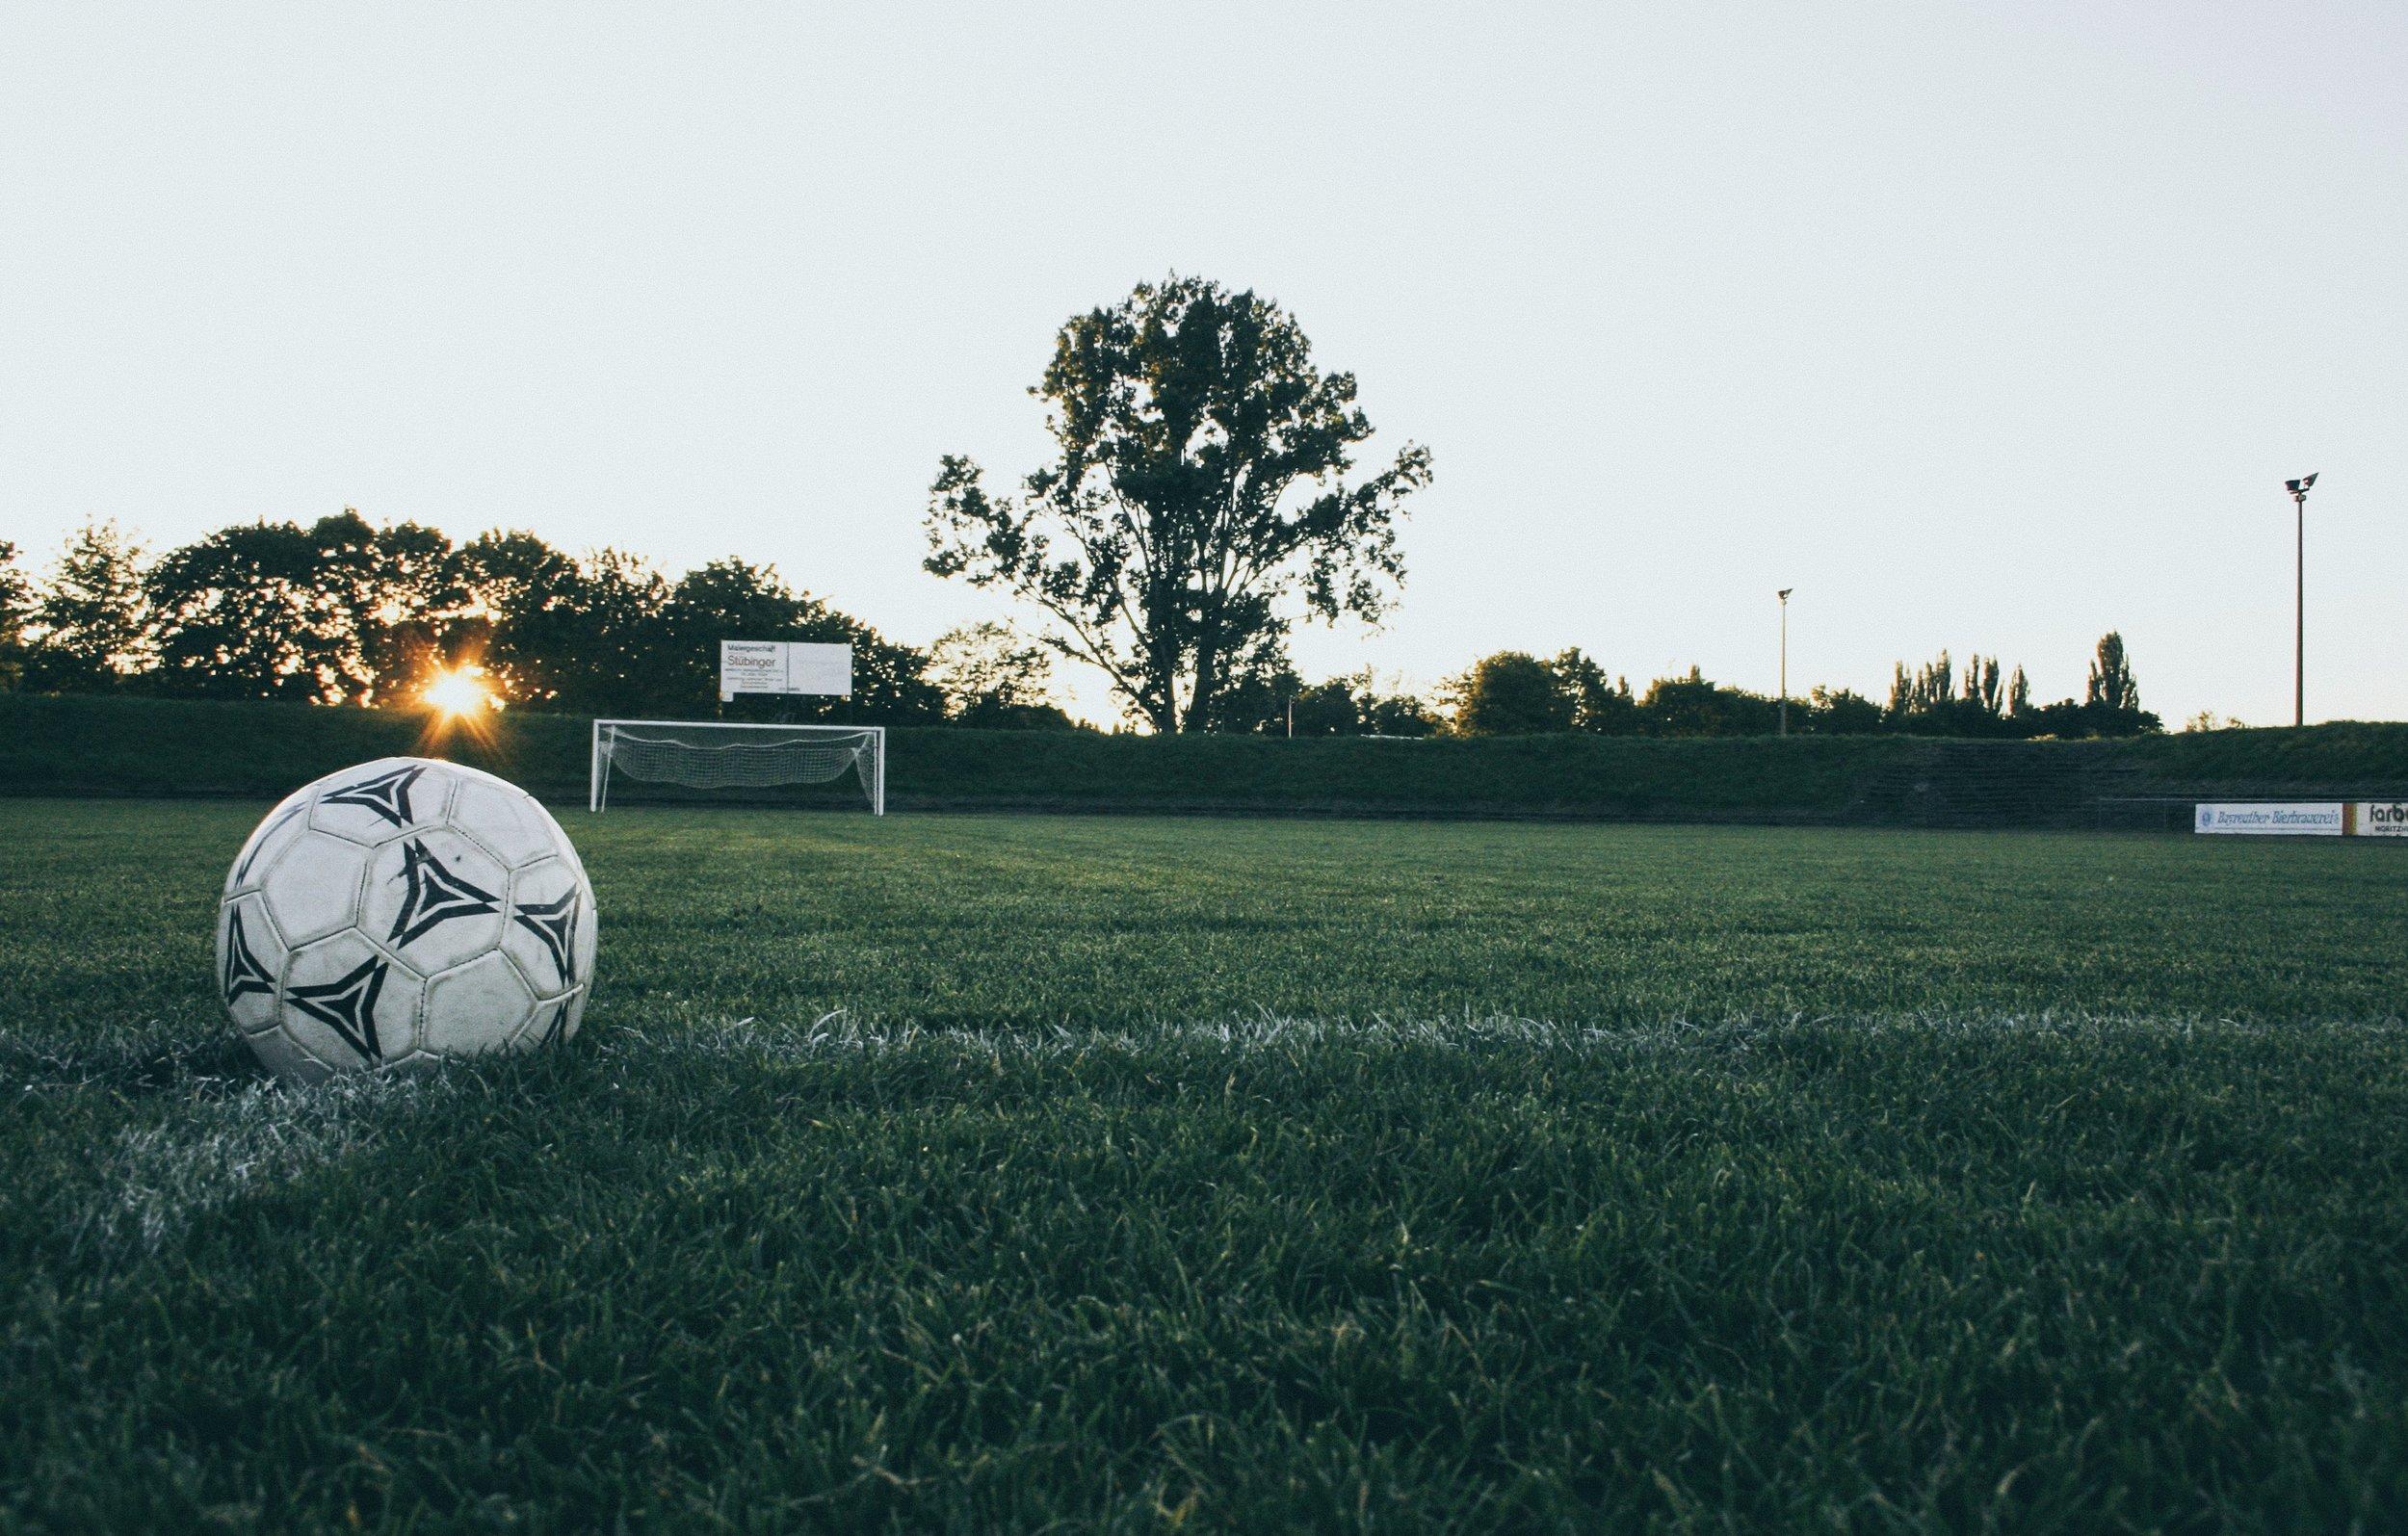 ball-field-goal-114296.jpg